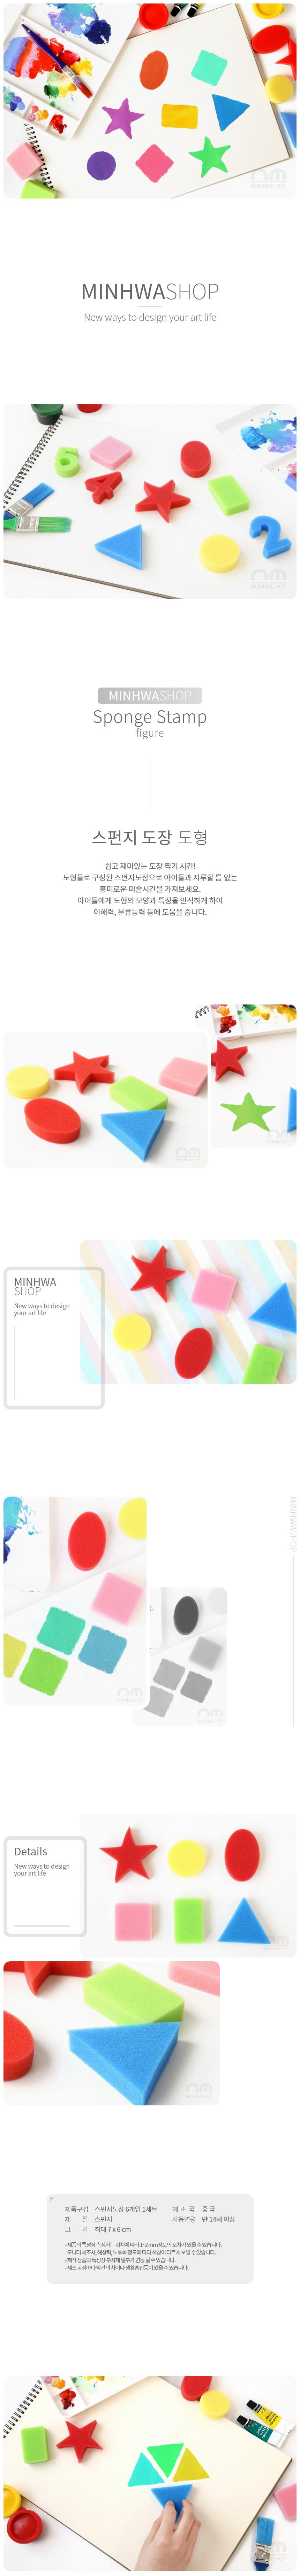 모양찍기 도형 스펀지도장 - 민화샵, 1,100원, 미술 놀이, 미술놀이 소품